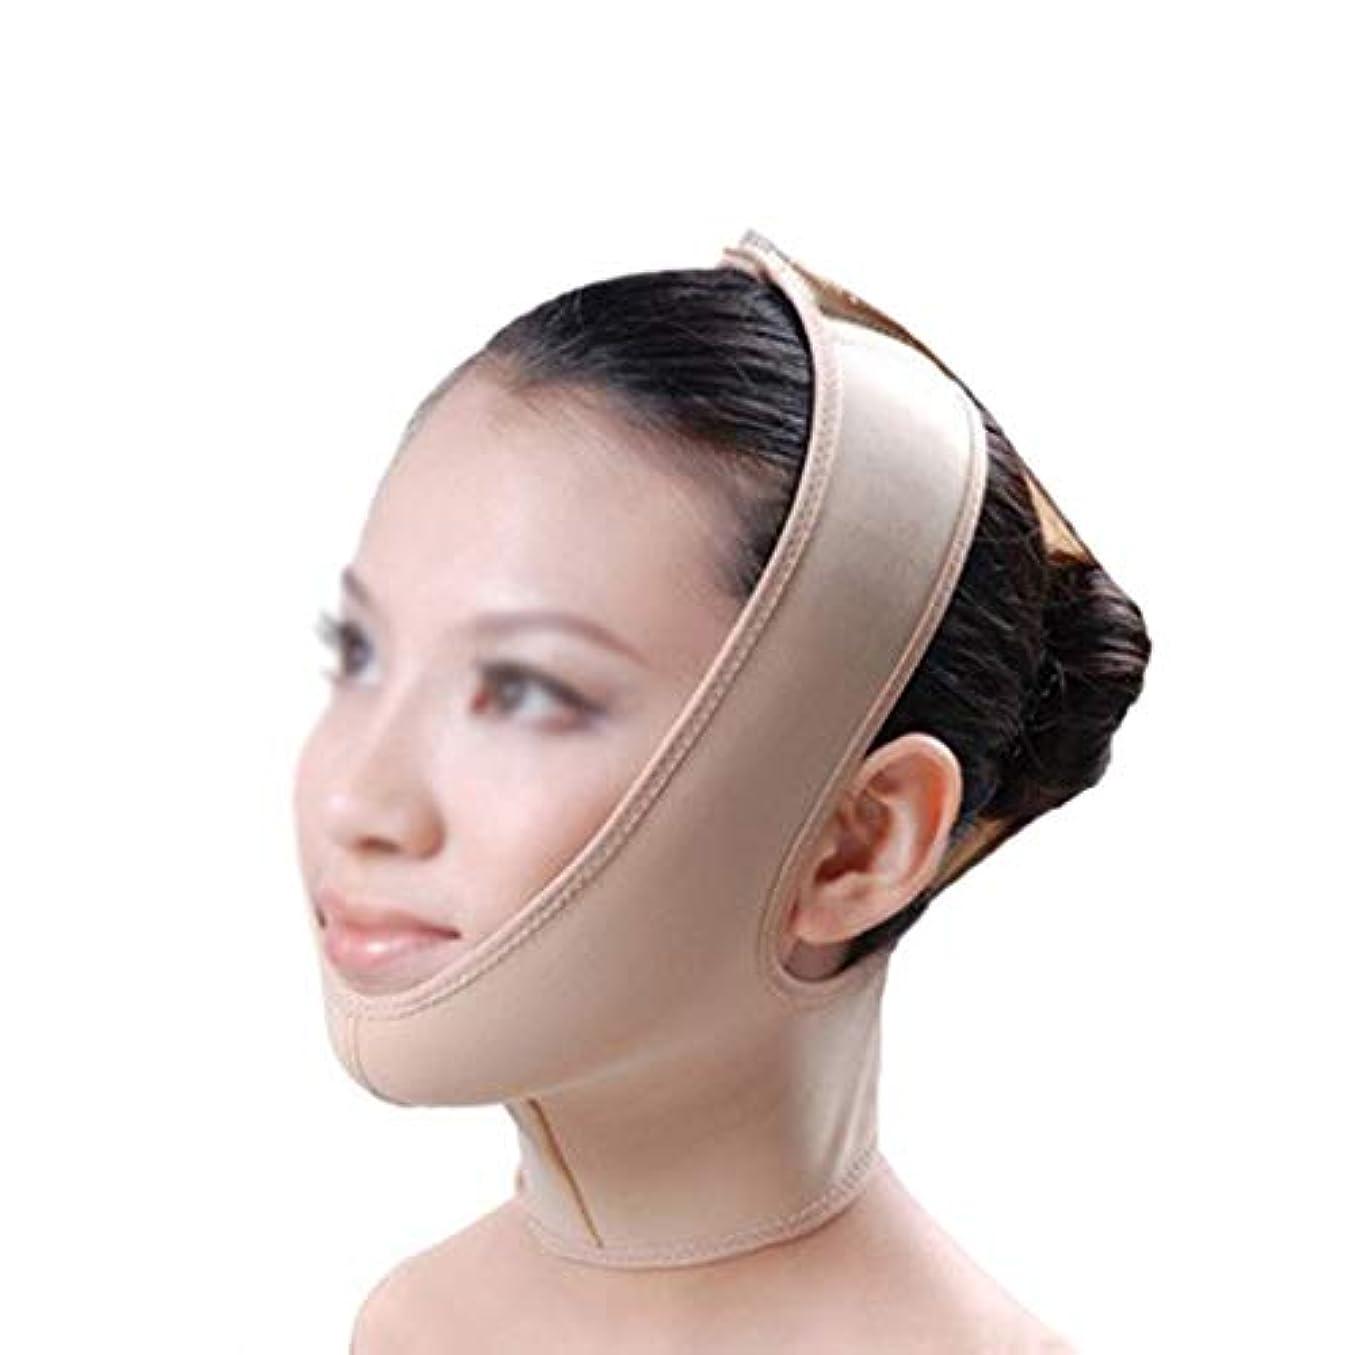 ボックス州出身地ダブルチンストラップ、包帯リフト、引き締めフェイシャルリフト、フェイシャル減量マスク、リフティングスキン包帯,男性と女性の両方が使用できます (Size : M)